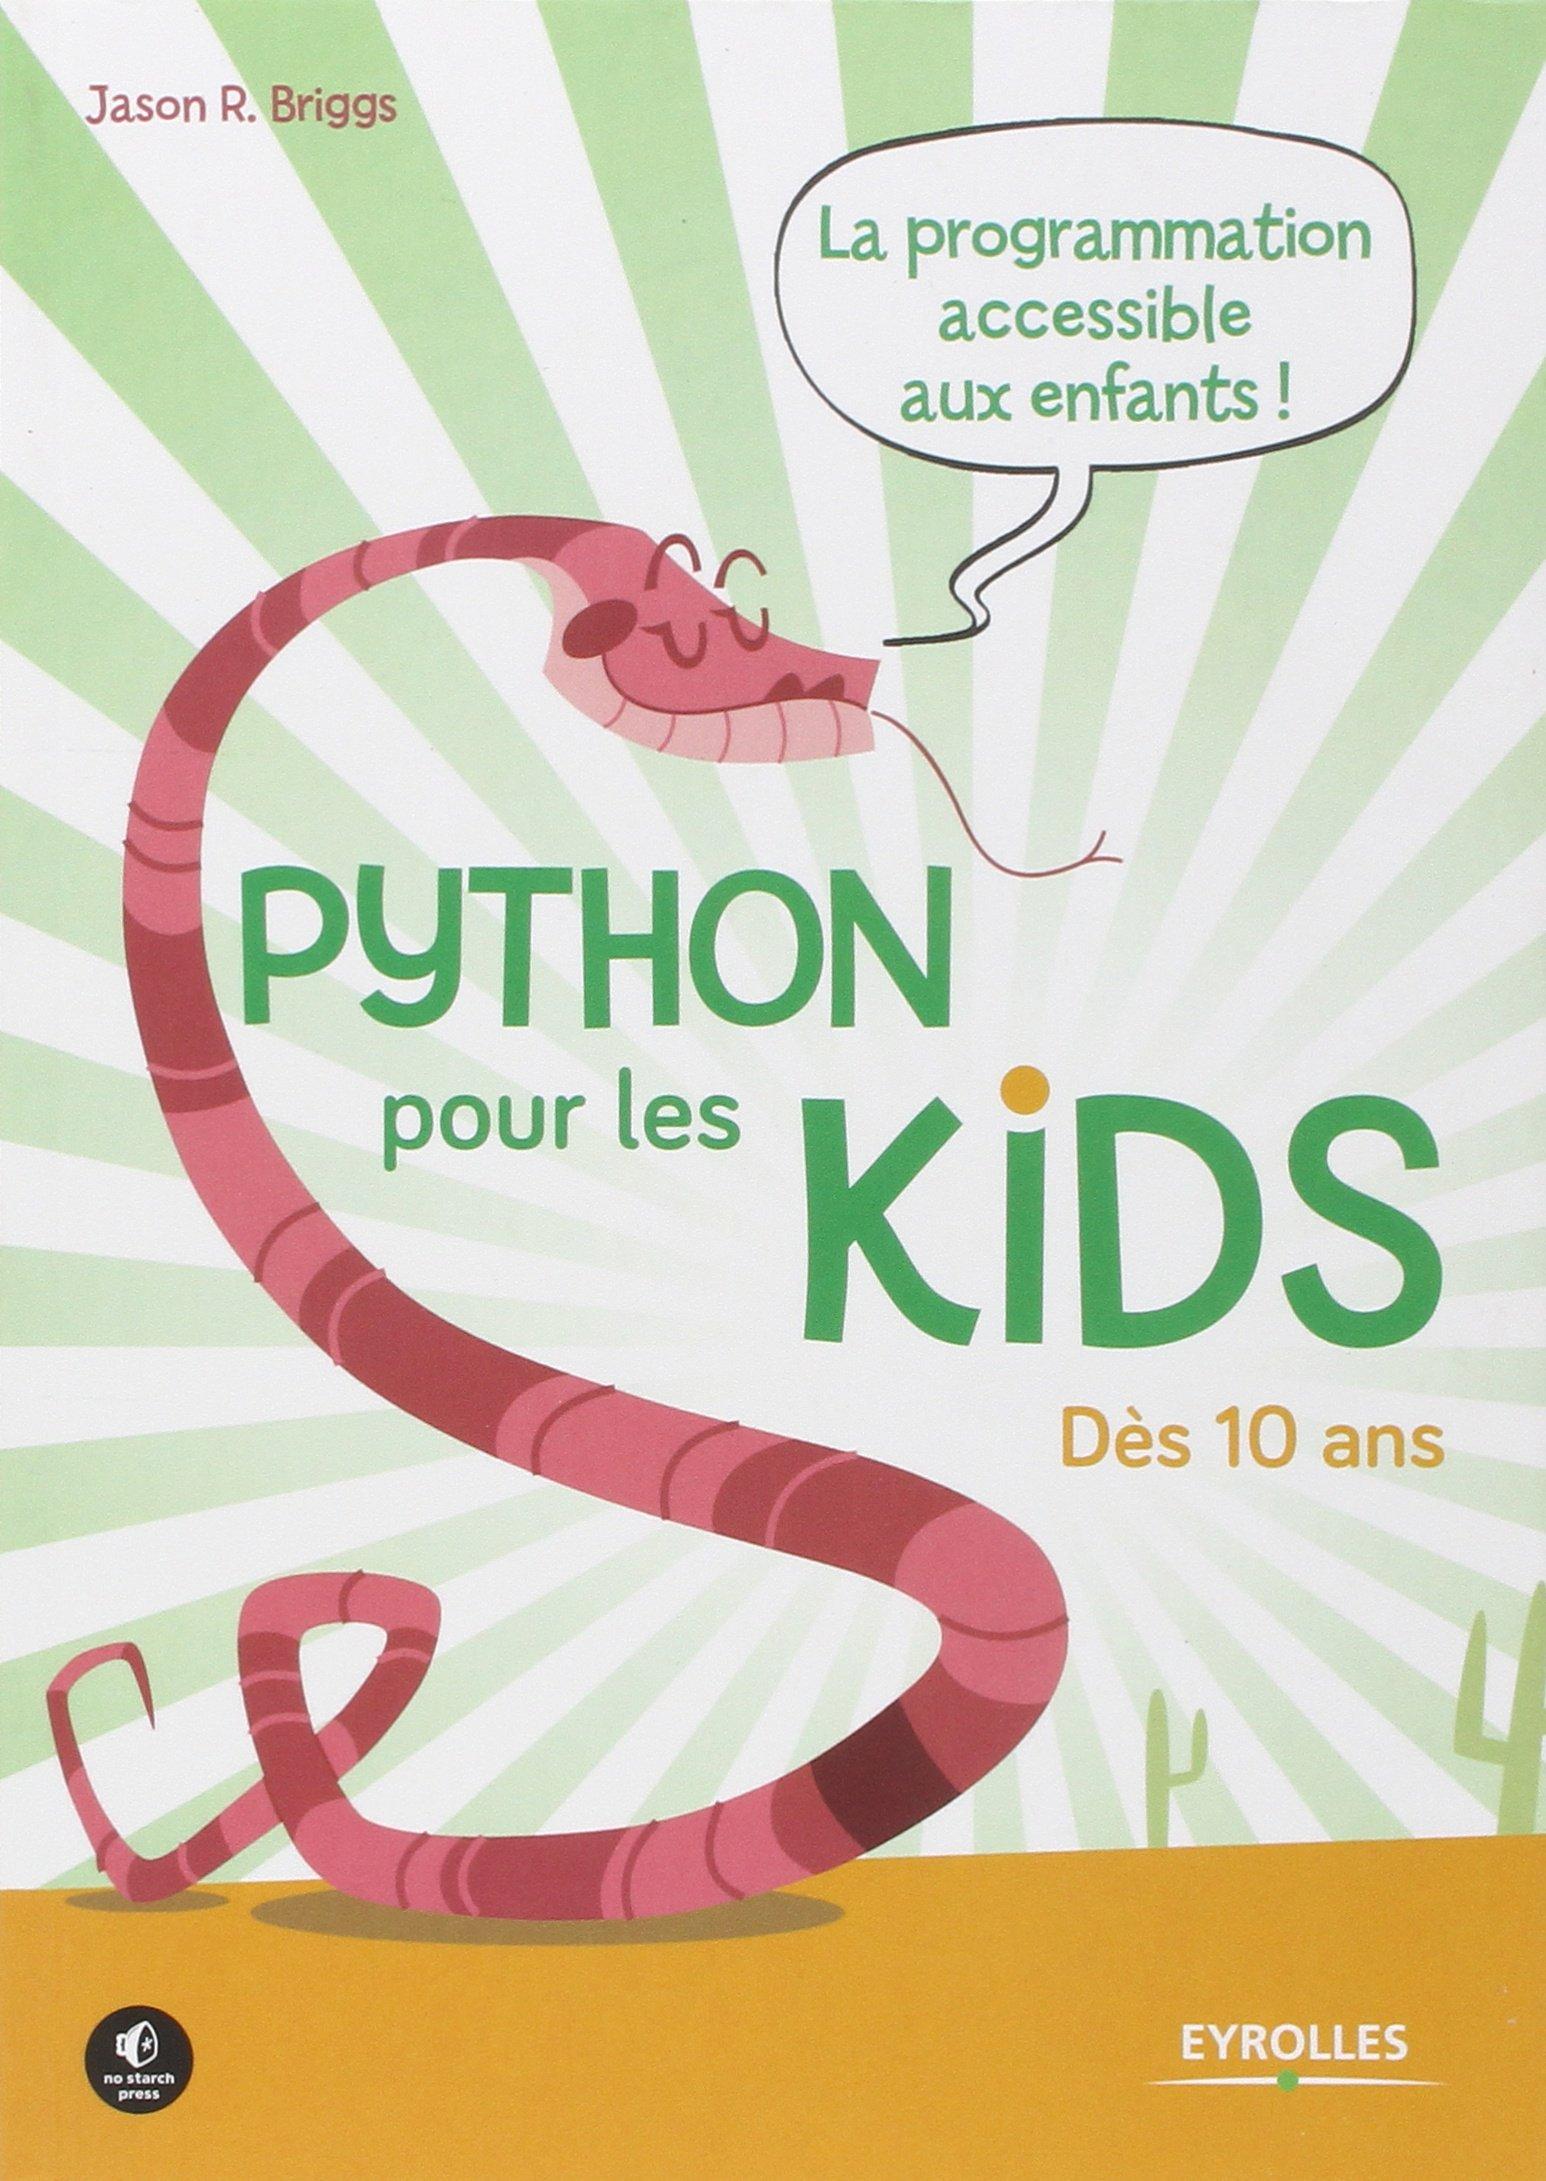 Python pour les kids : La programmation accessible à tous ! - Dès 10 ans